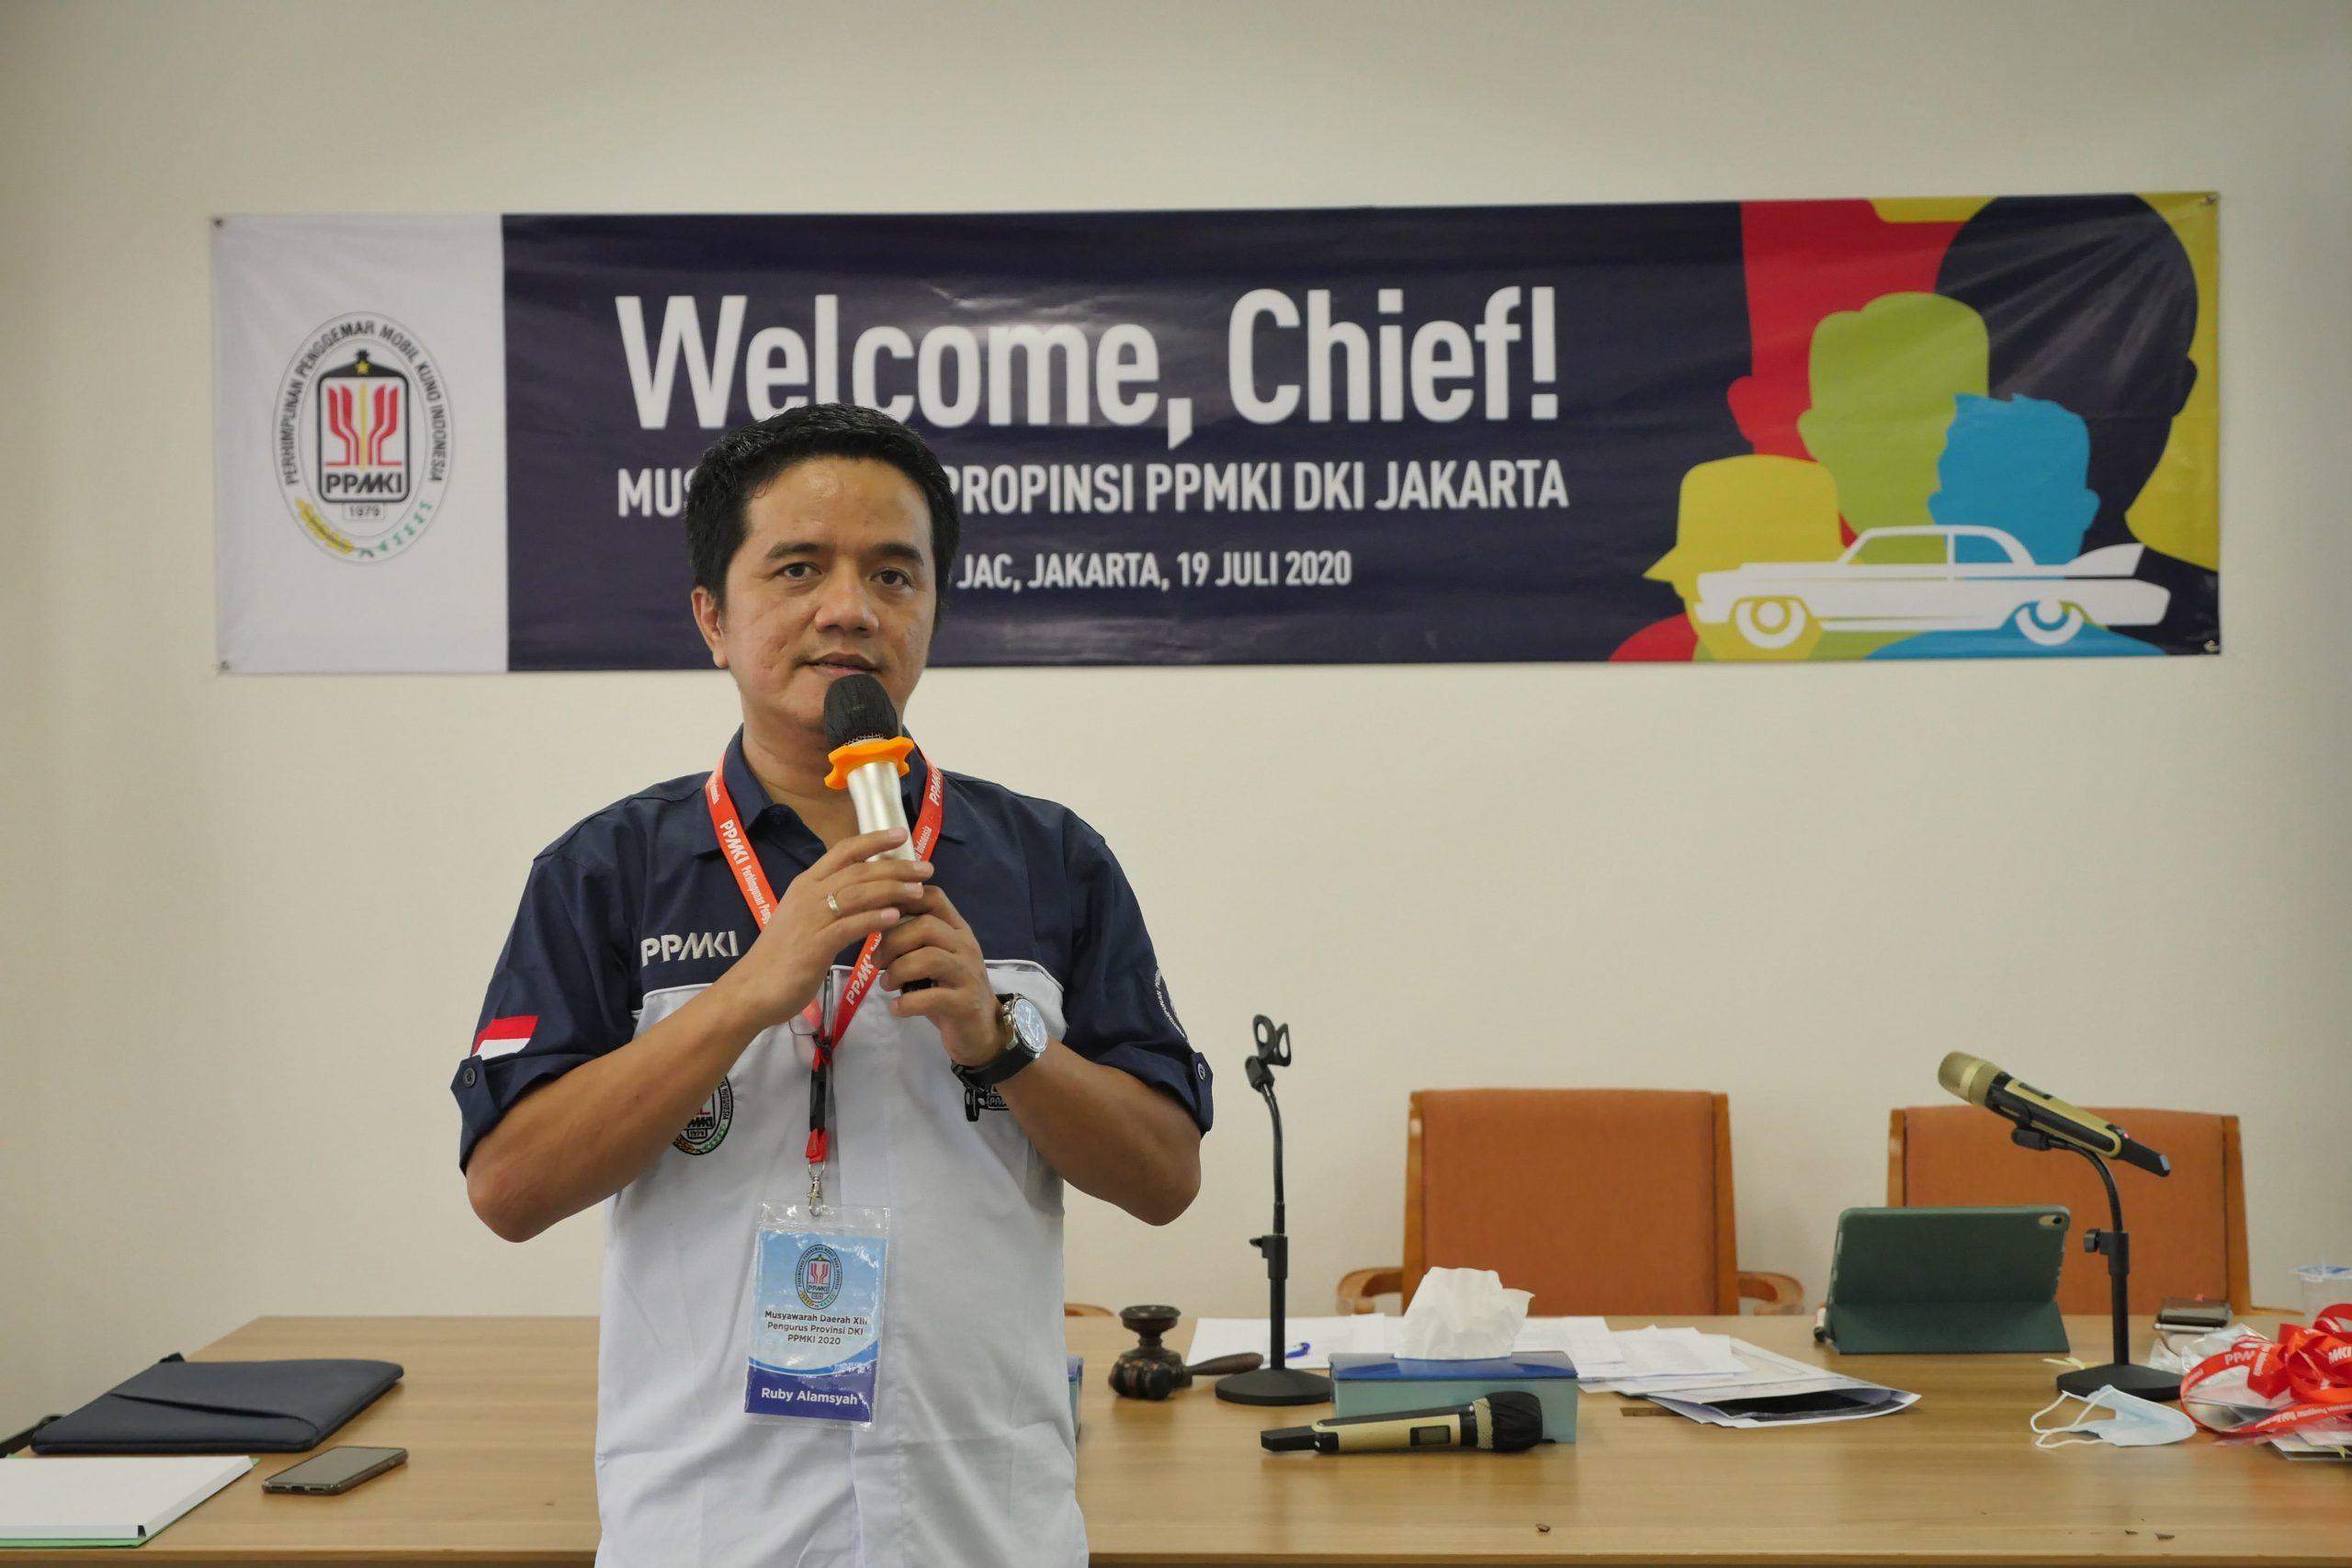 Ruby Alamsyah Terpilih Jadi Ketua PPMKI Pengprov DKI